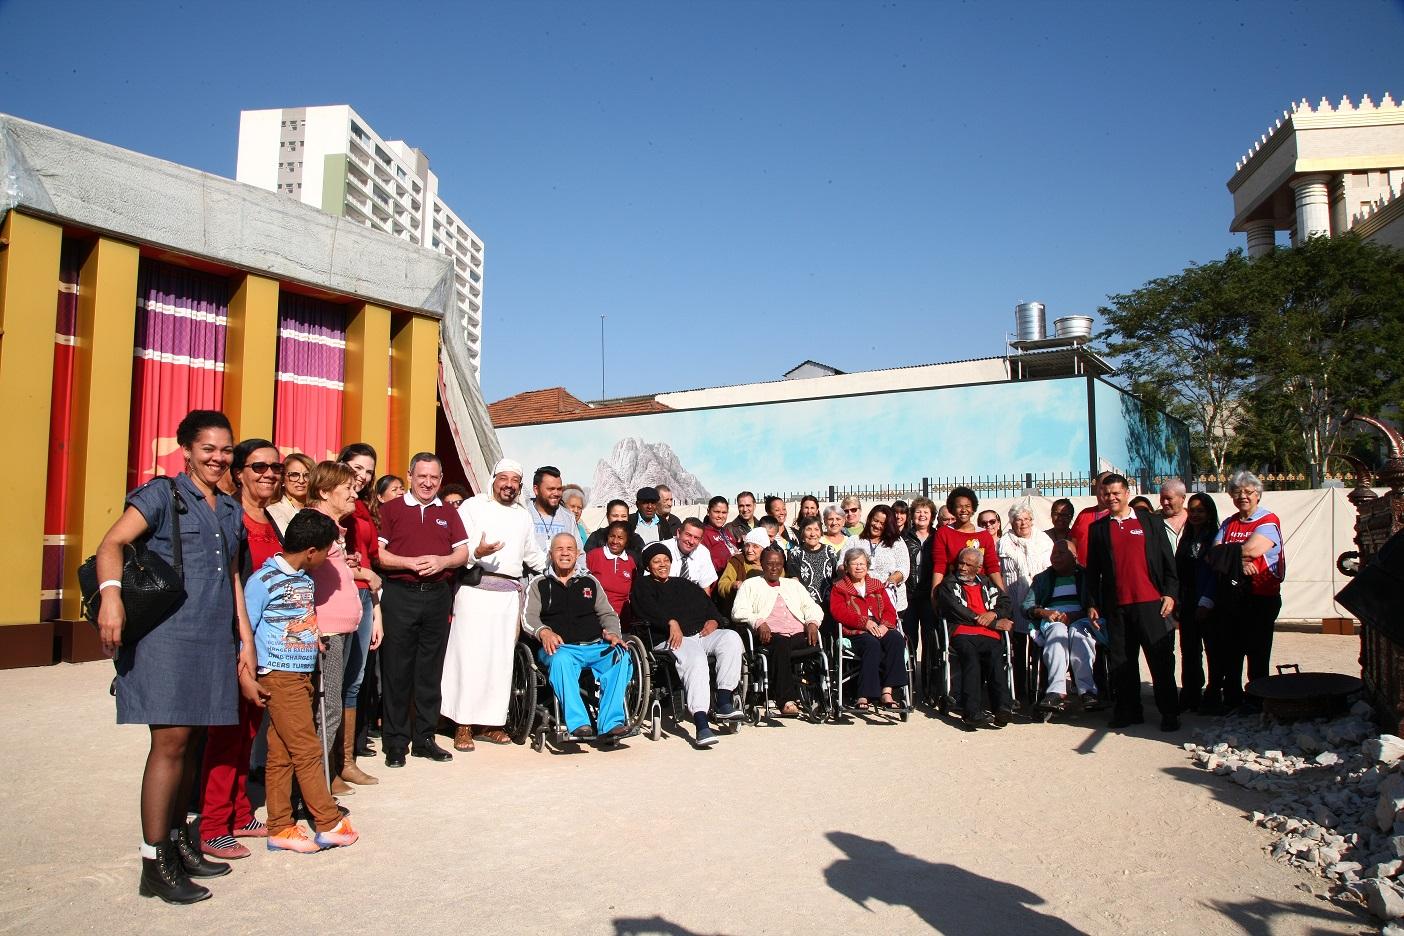 Grupo de idosos faz o tour pelo Jardim Bíblico pela primeira vez4 min read